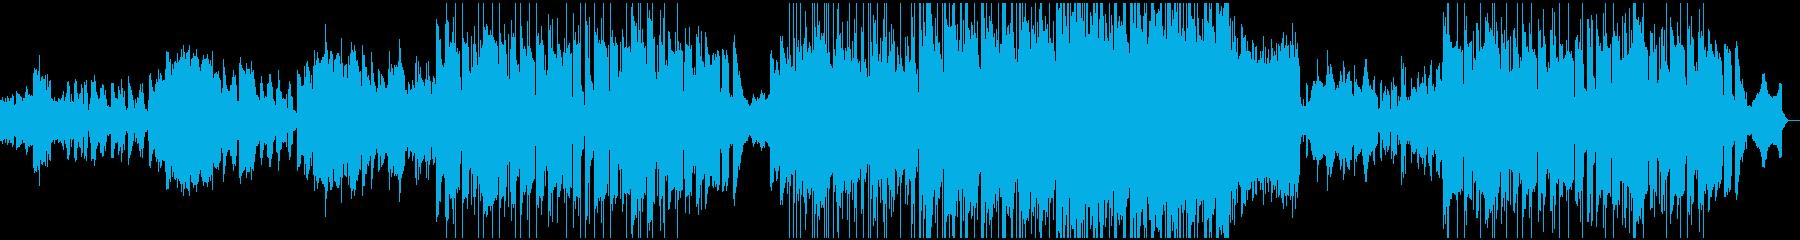 深海イメージのアンビエントの再生済みの波形